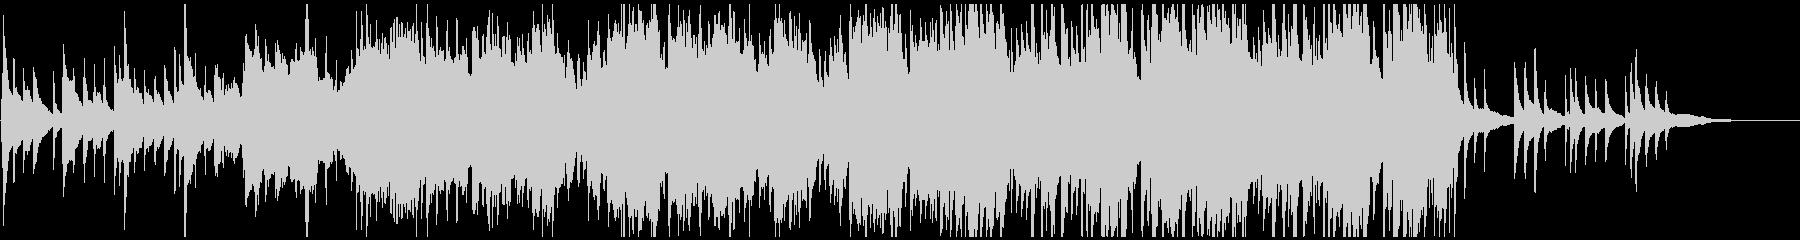 琴と尺八がメインの和風バラードの未再生の波形